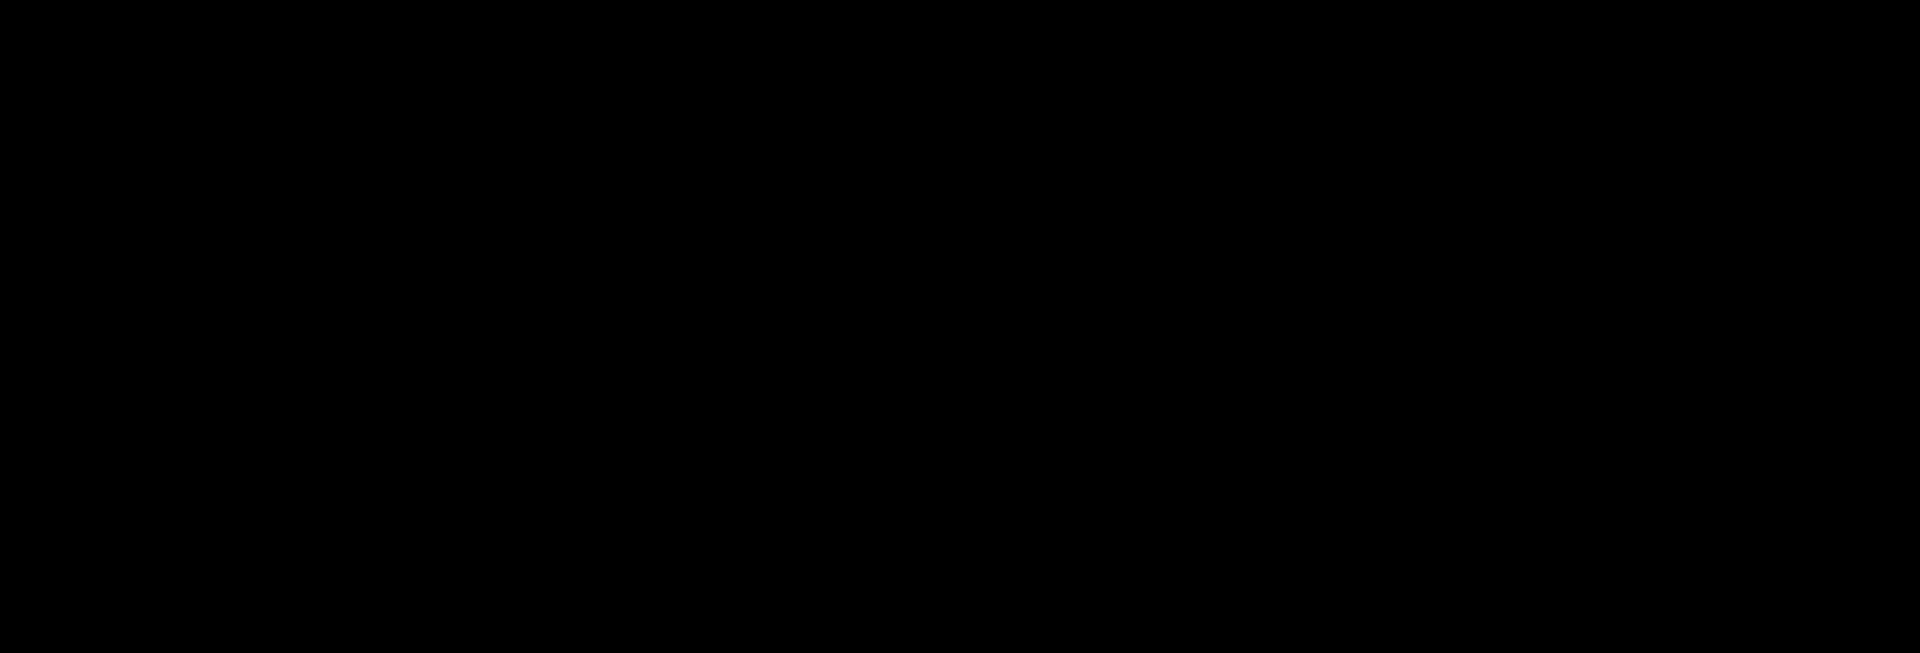 Создание простого Discord бота с помощью библиотеки discord.py - 1